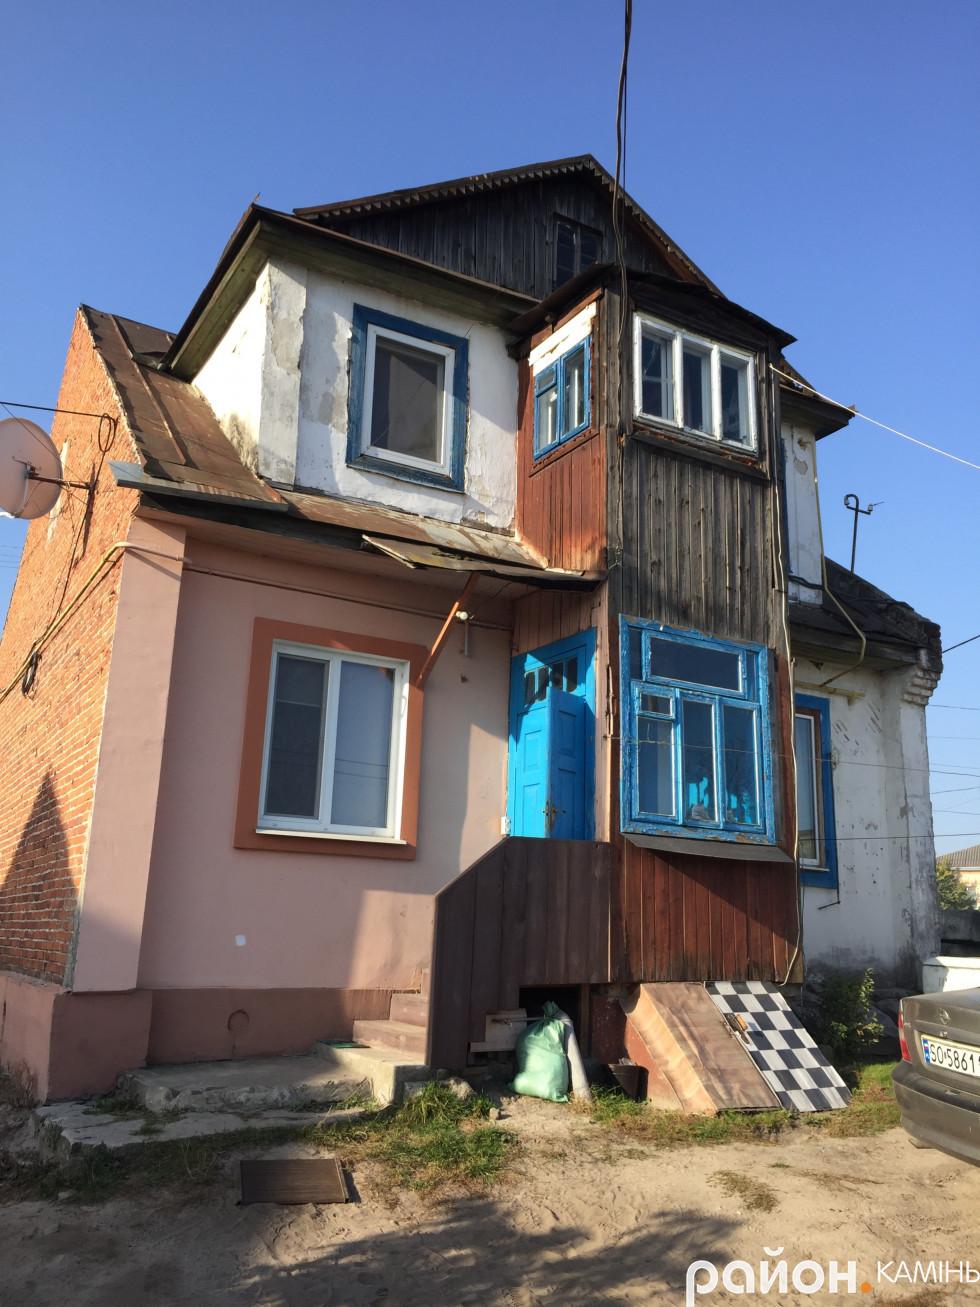 Житловий будинок у Камені-Каширському з двору. Колись тут жили Качмареки.